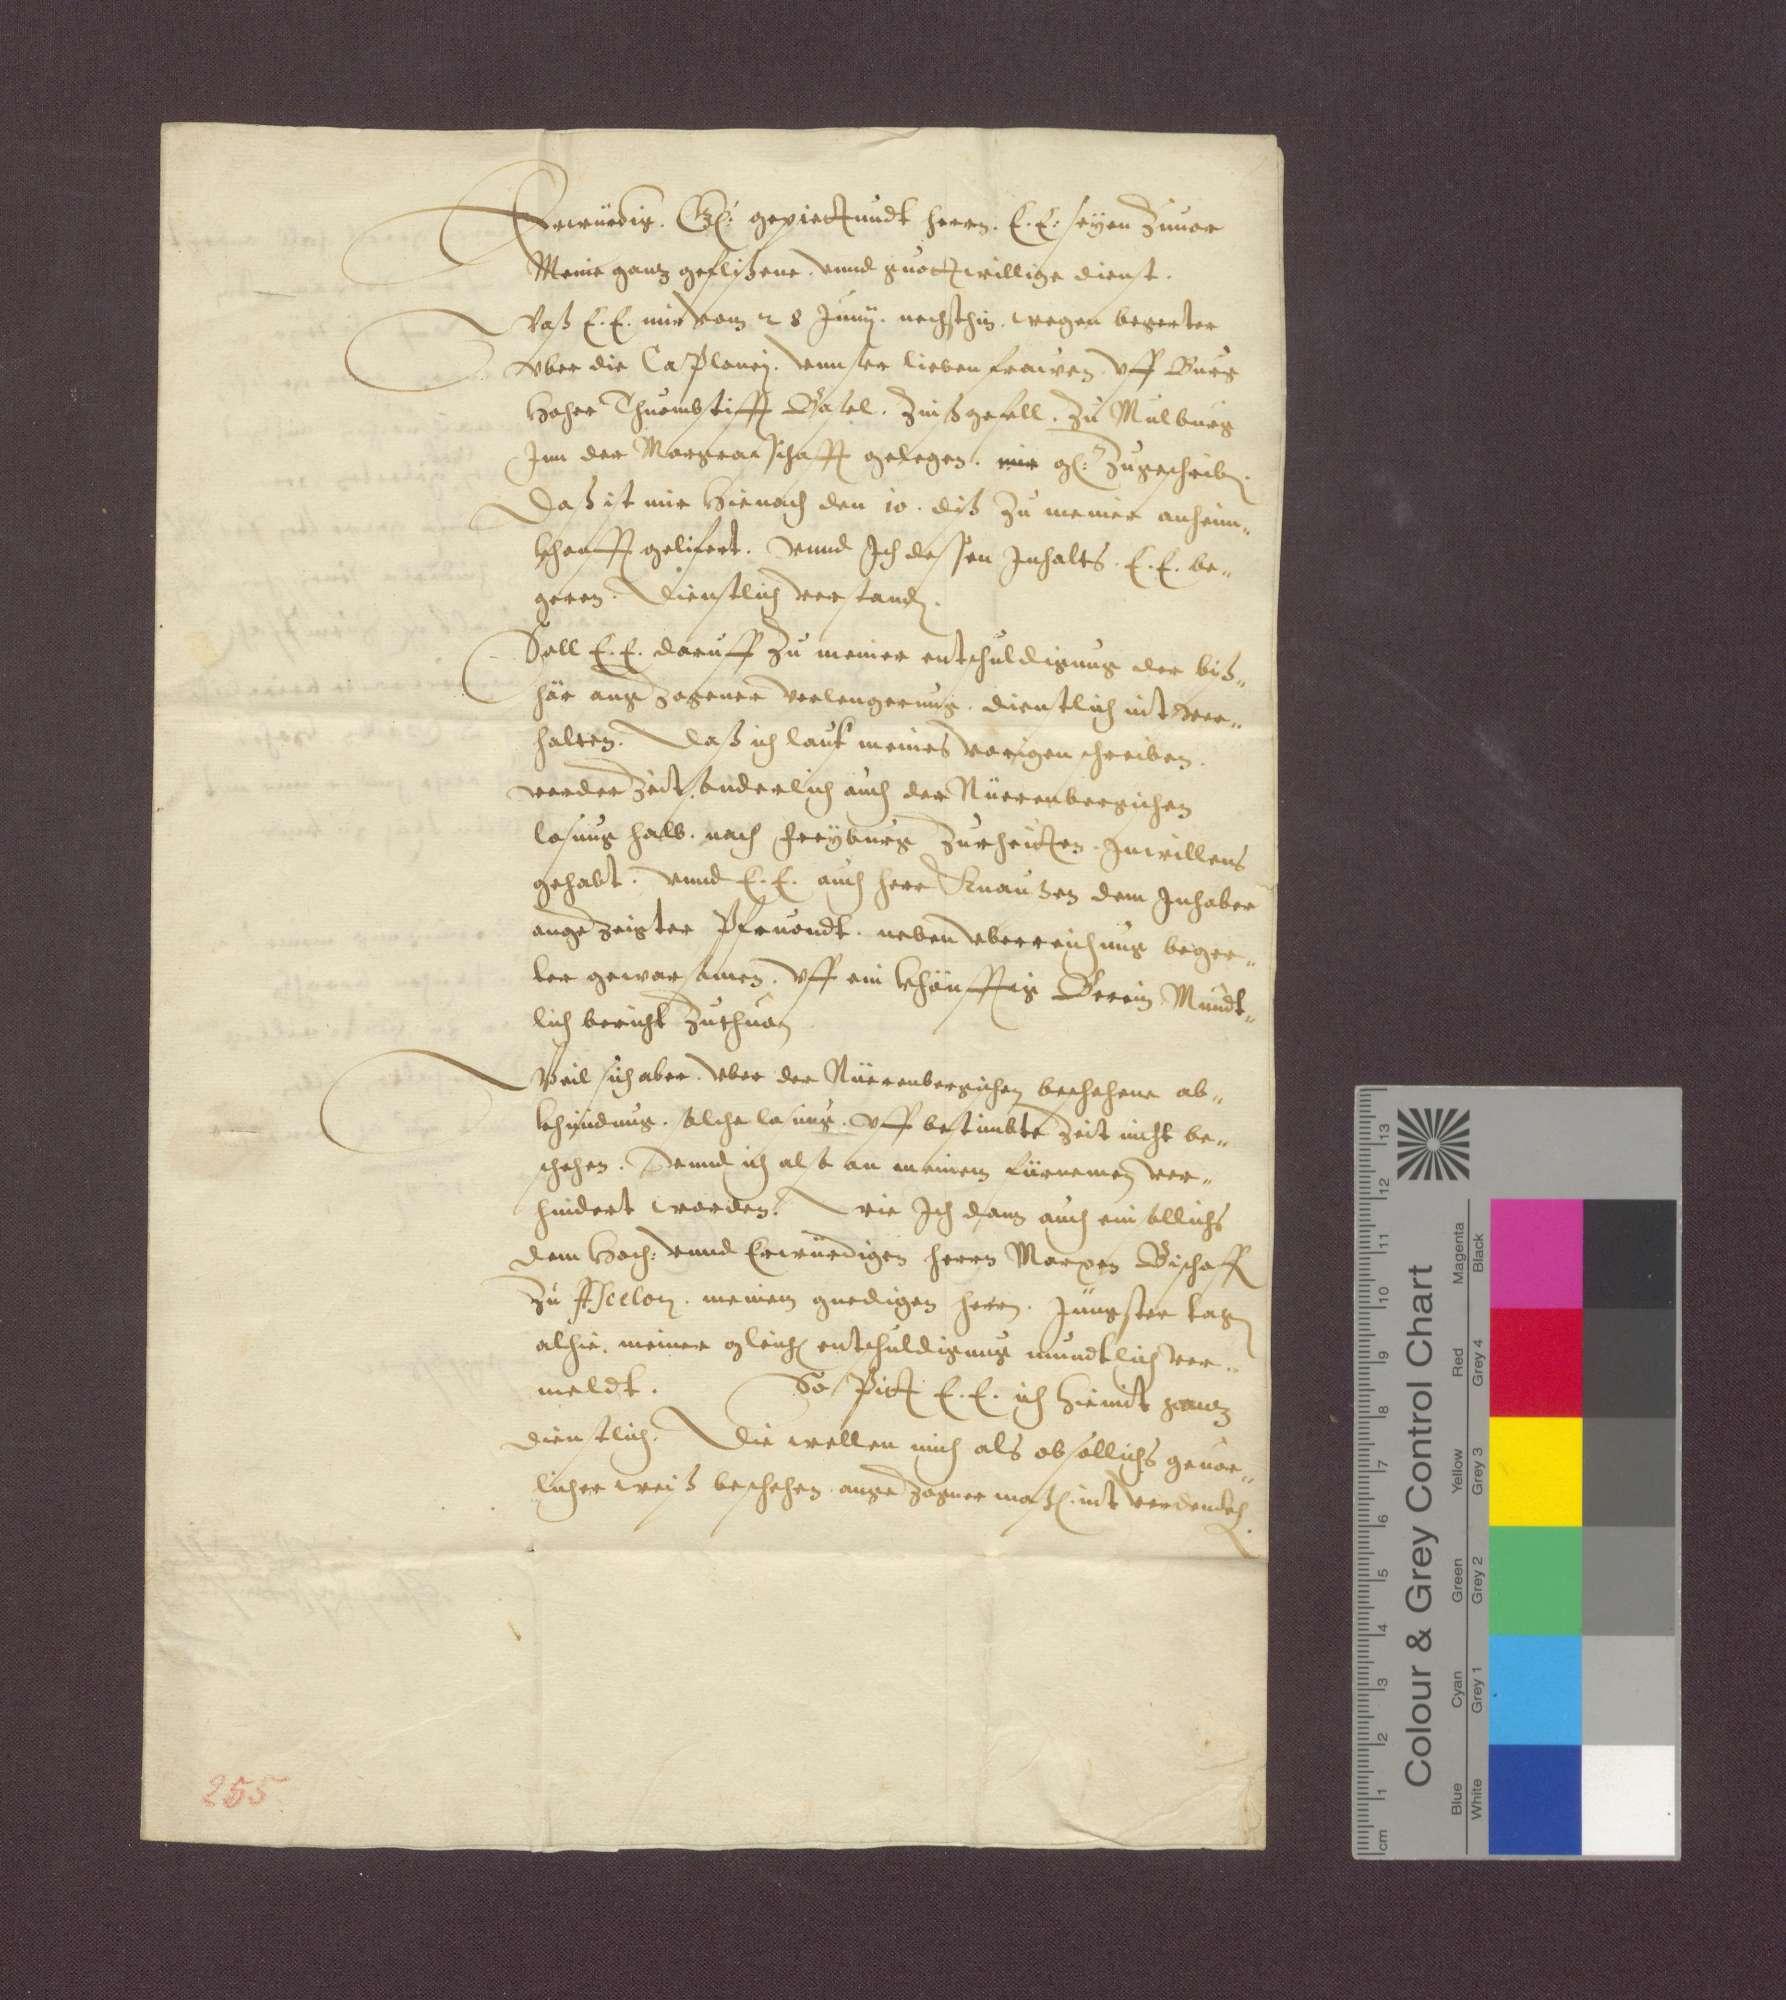 Schreiben wegen Einziehung von Gefällen des Basler Domkapitels, damals in Freiburg, zu Maulburg im Wiesental., Bild 1